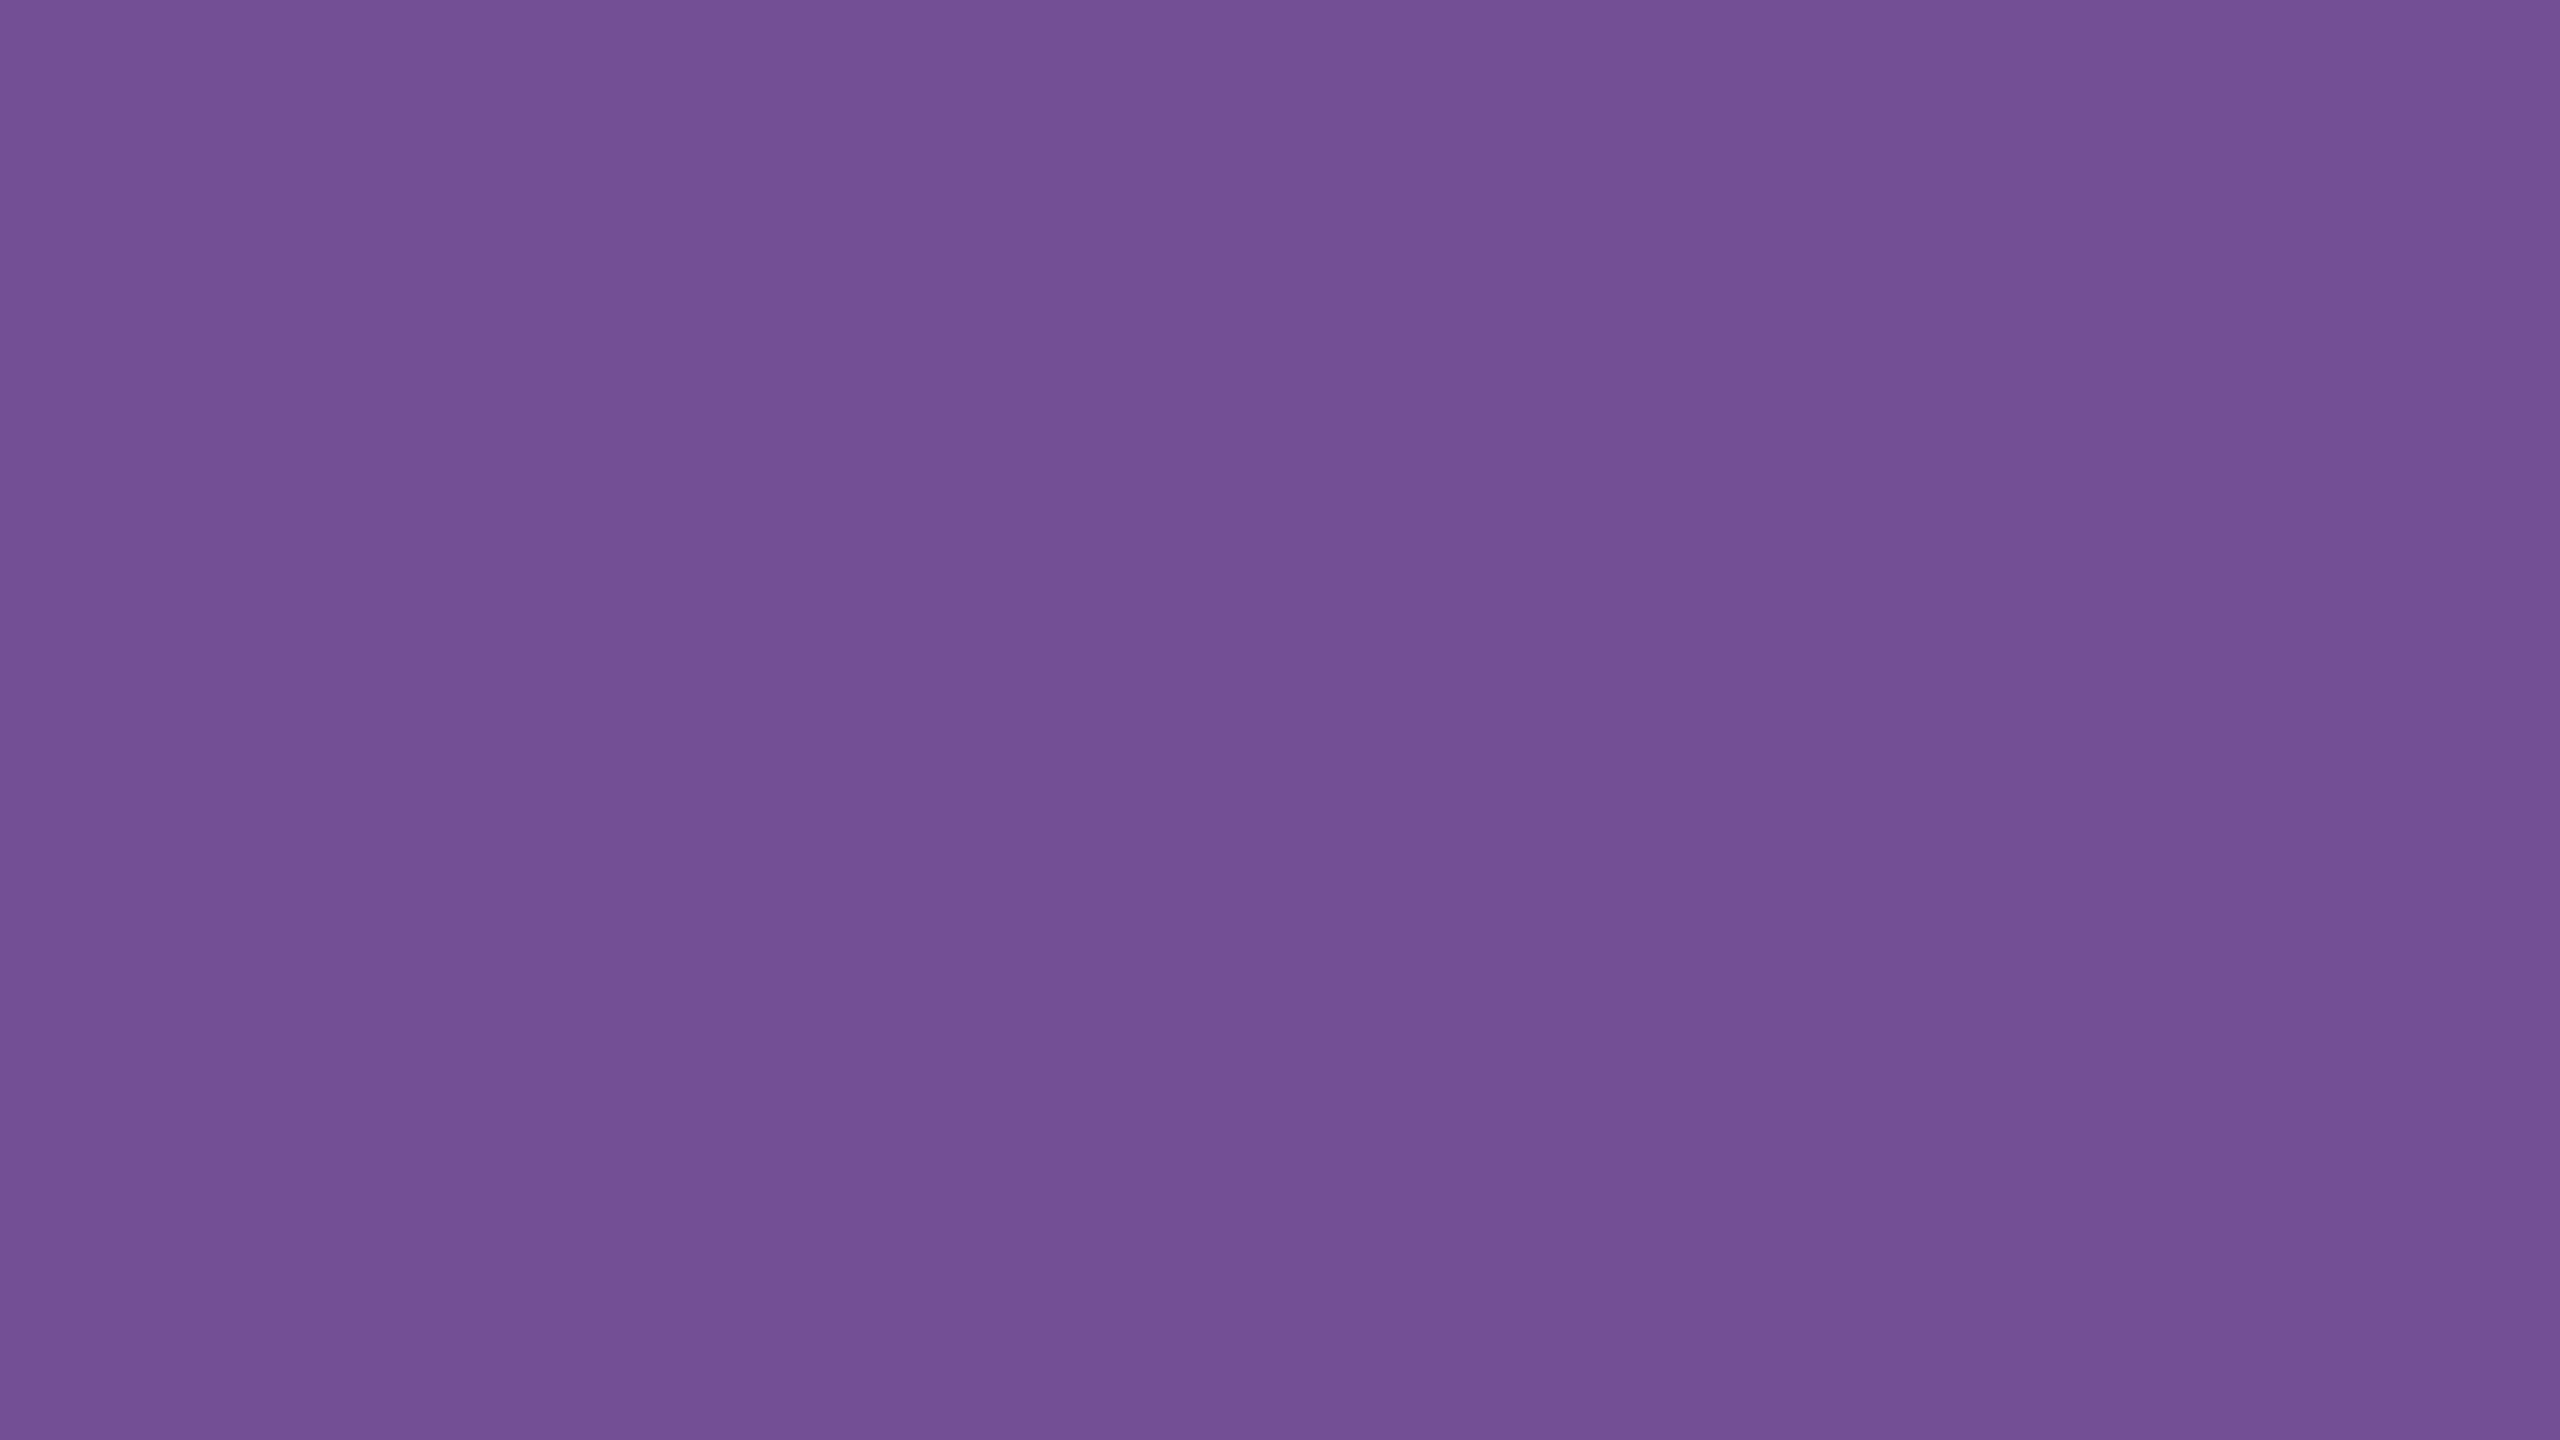 2560x1440 Dark Lavender Solid Color Background